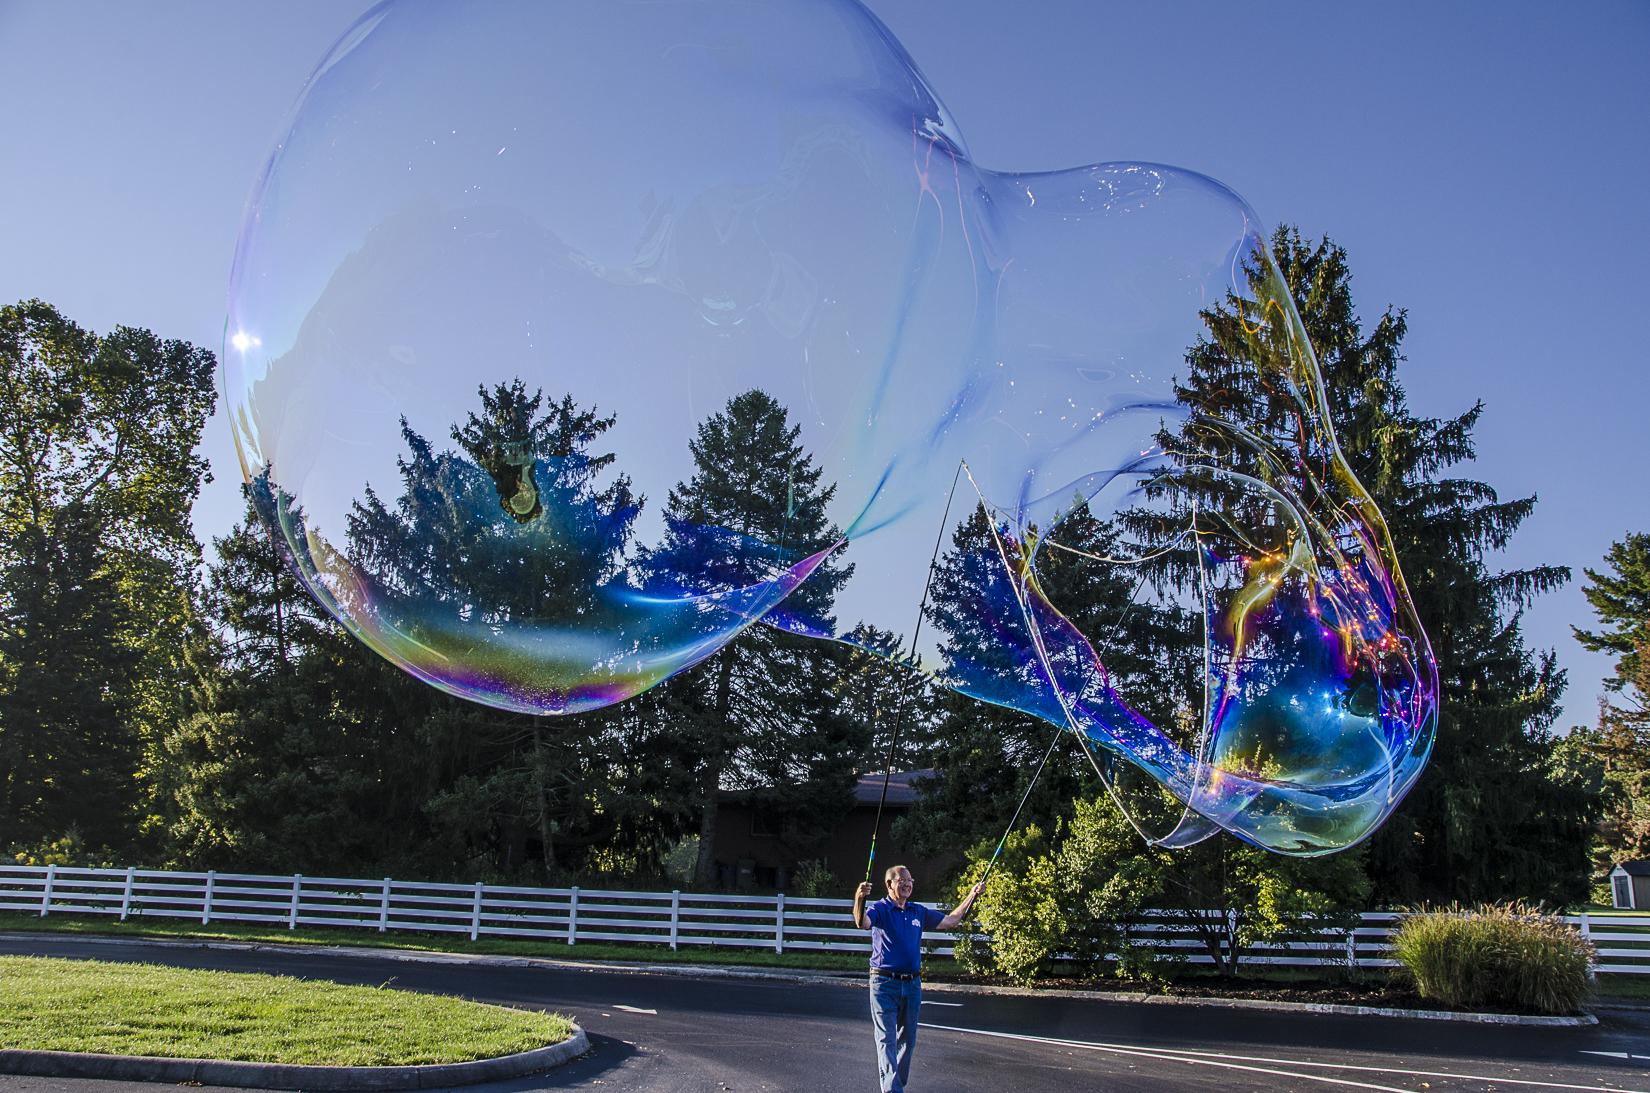 Ohio Bubble